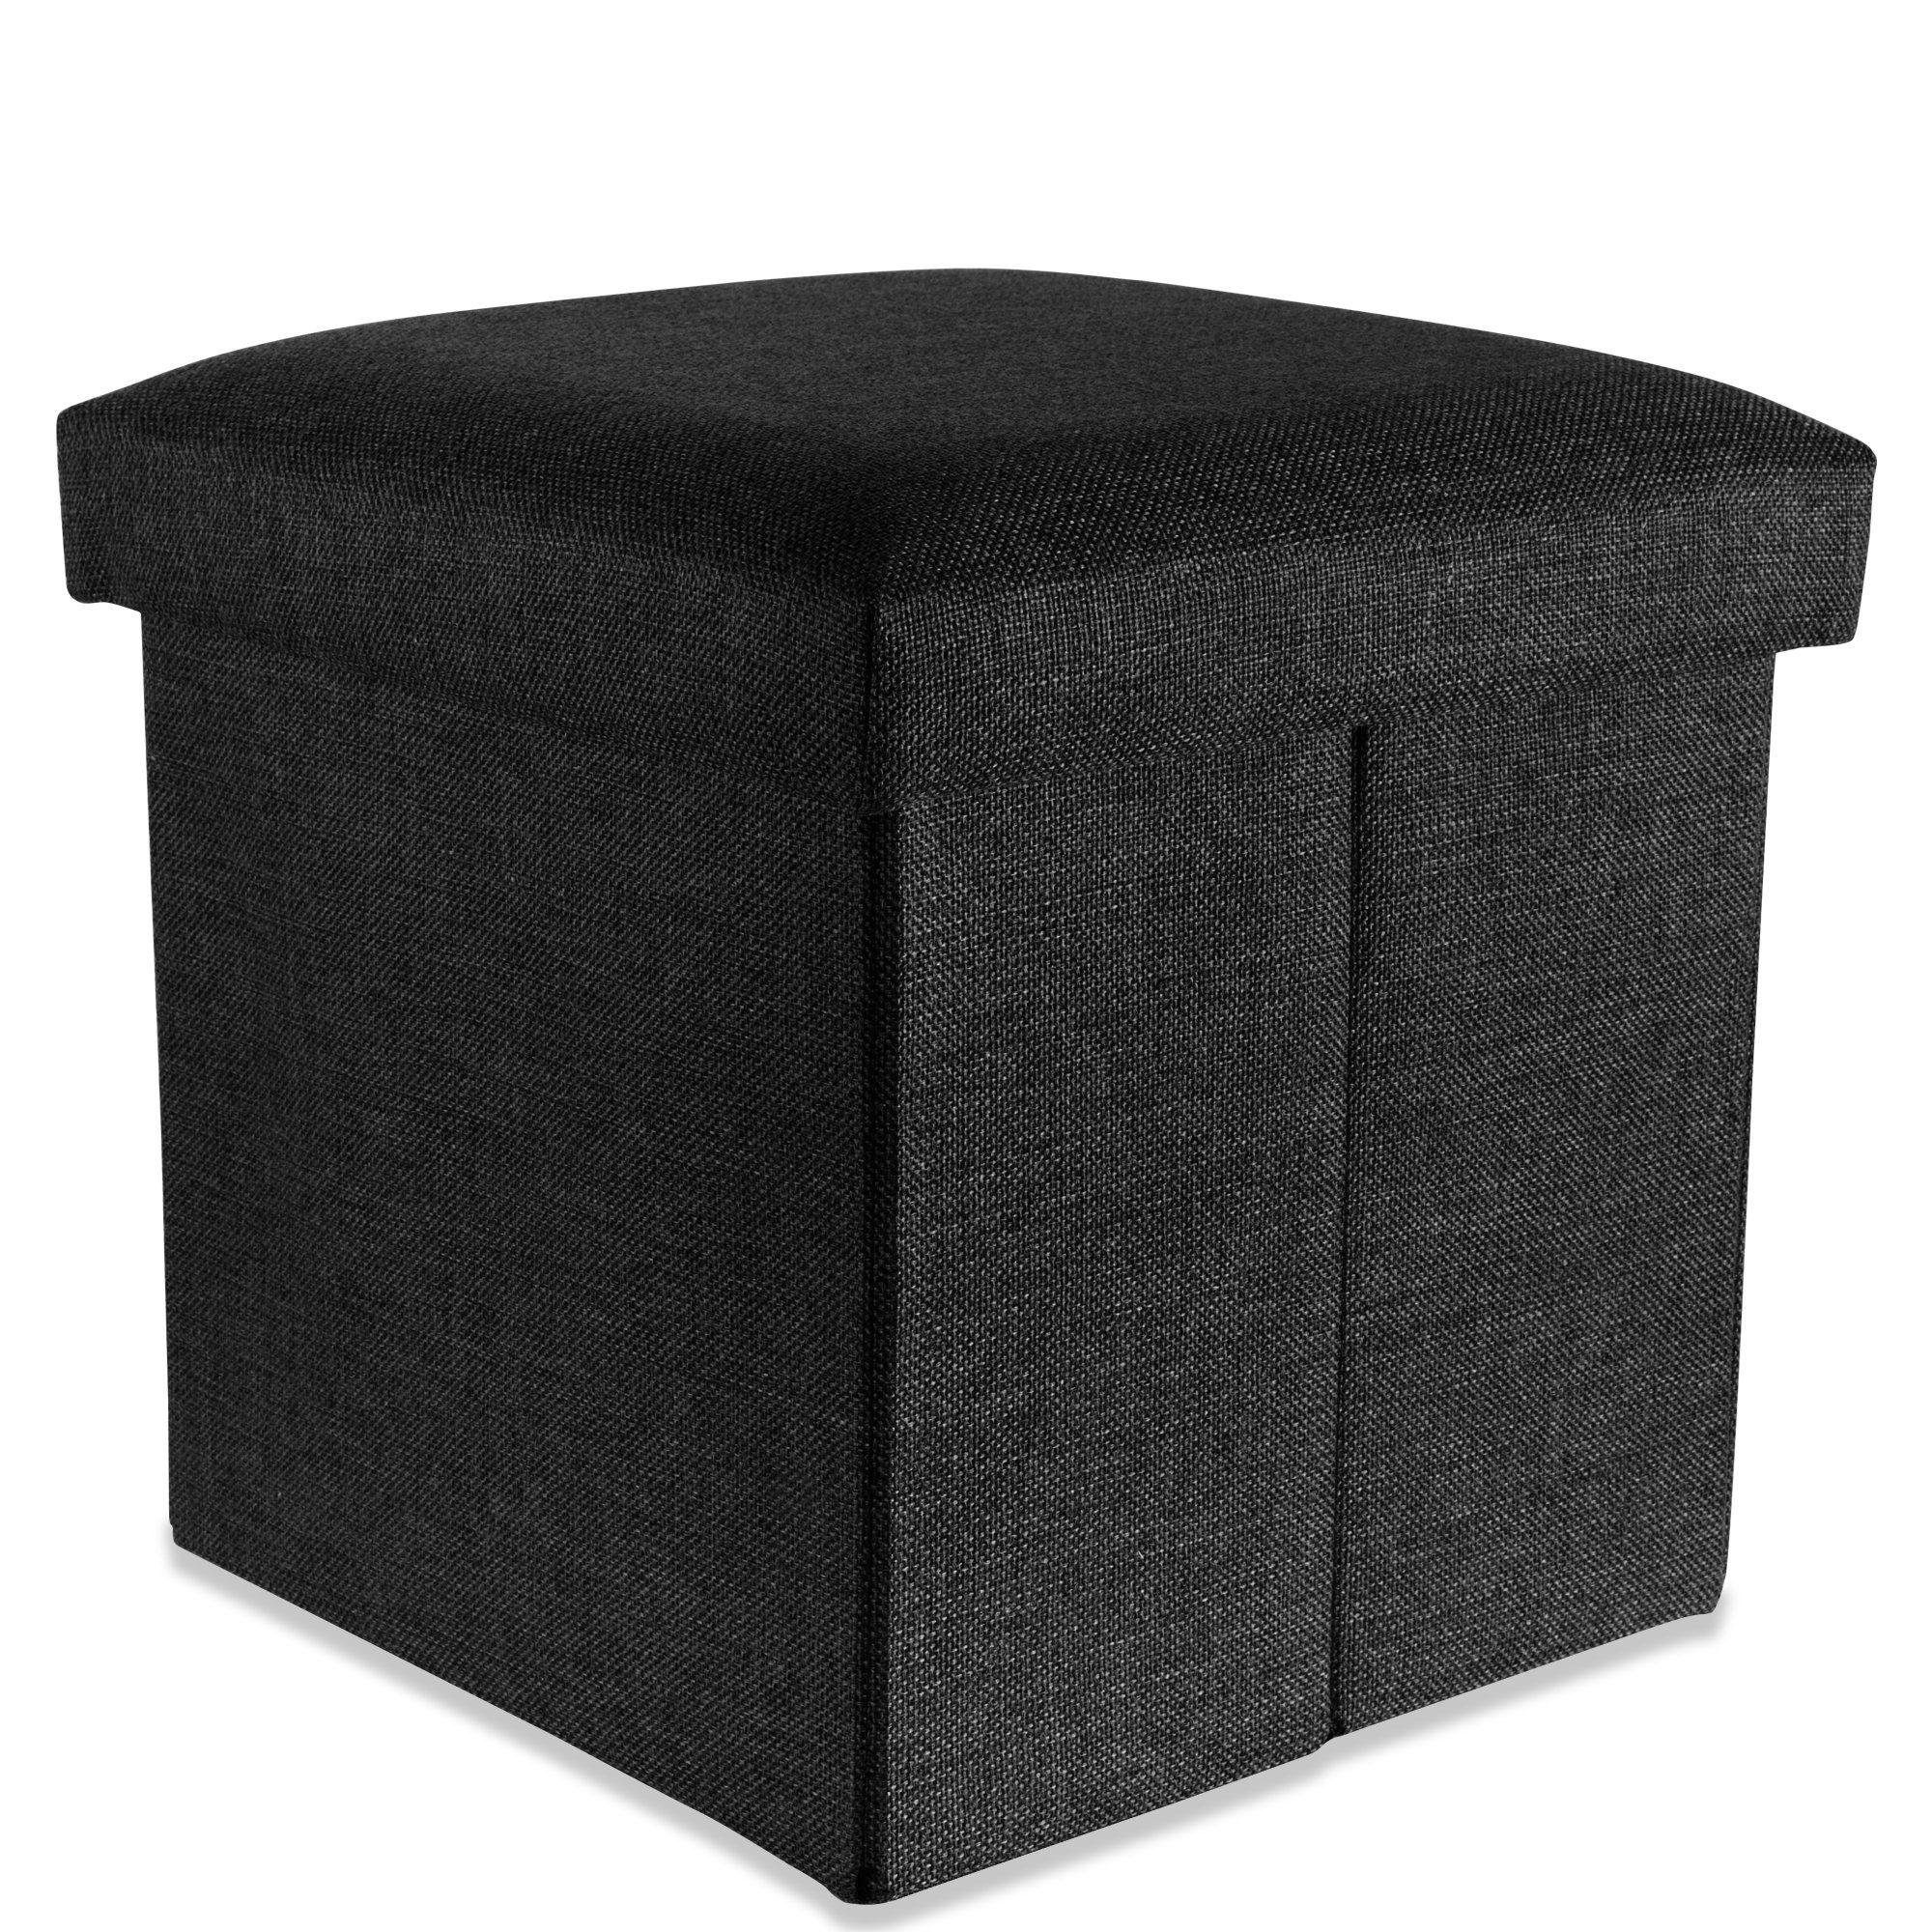 Intirilife Faltbarer Sitzhocker 30x30x30 Cm In Diamant Schwarz Sitzw Rfel Mit Stauraum Und Deckel Aus Stoff In Leinen In 2020 Aufbewahrungsbox Sitzhocker Aussenmobel